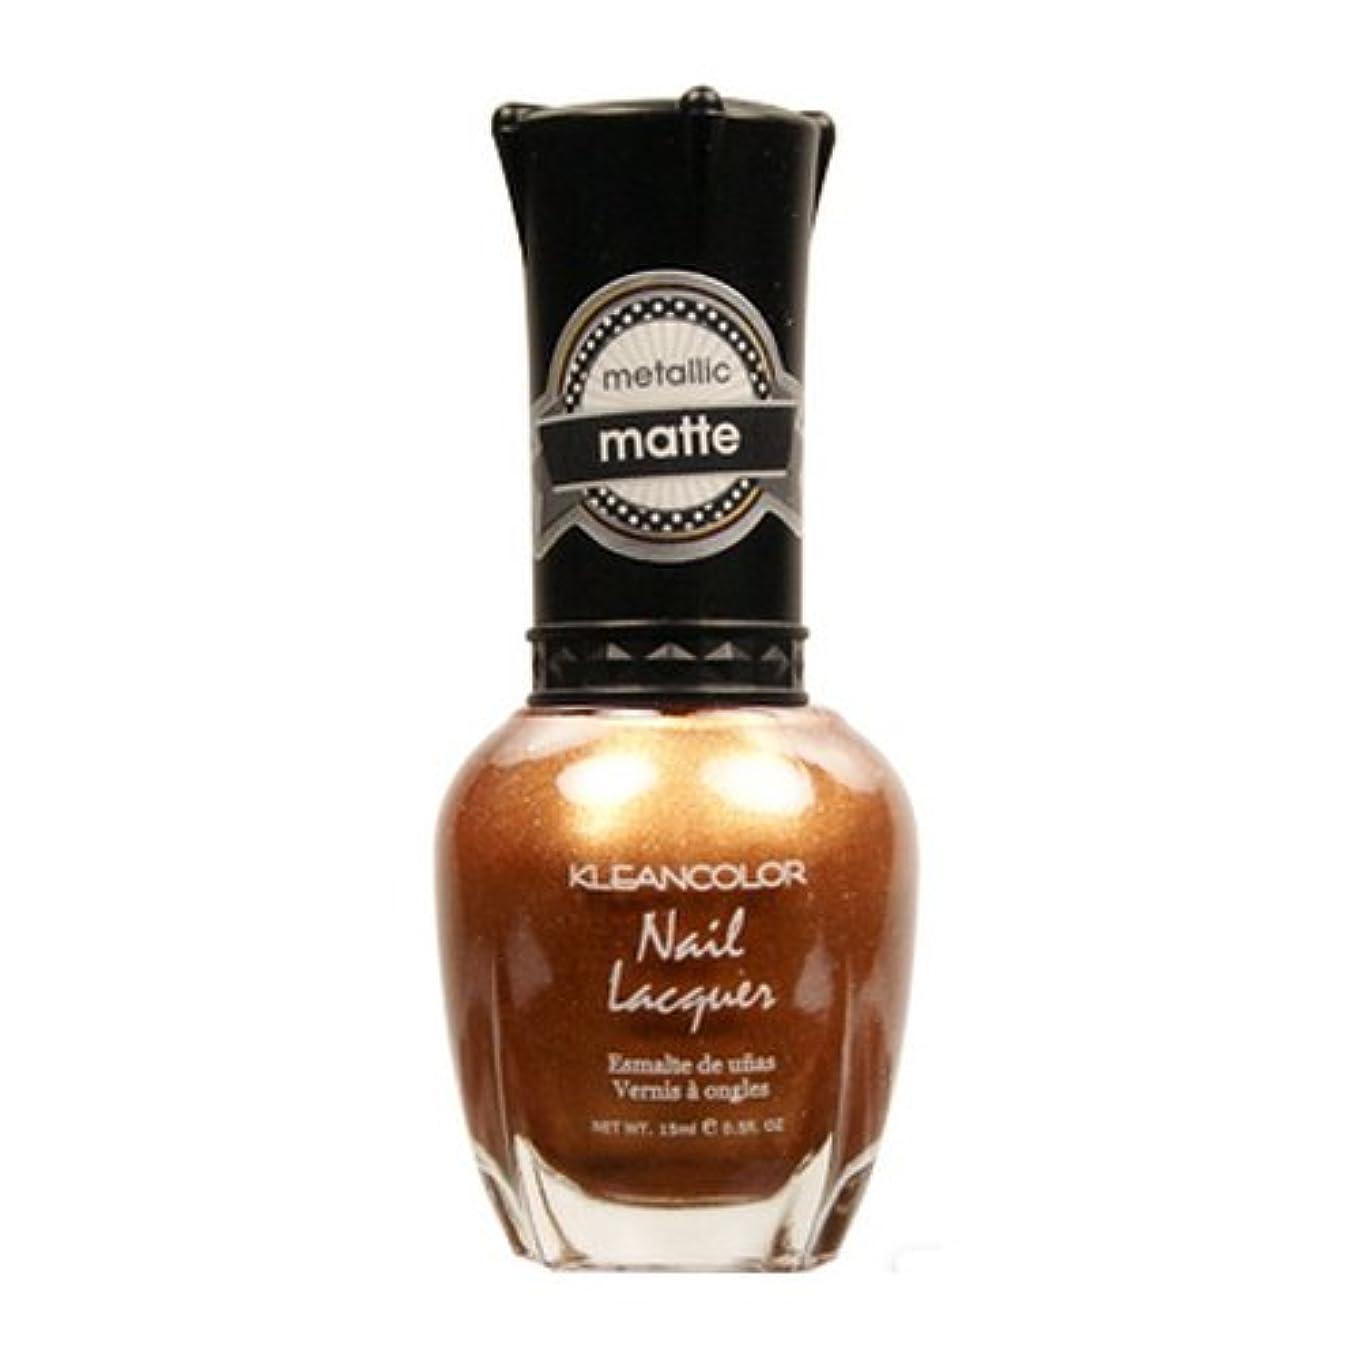 上級歩き回るええKLEANCOLOR Matte Nail Lacquer - Life in Gold Castle (並行輸入品)